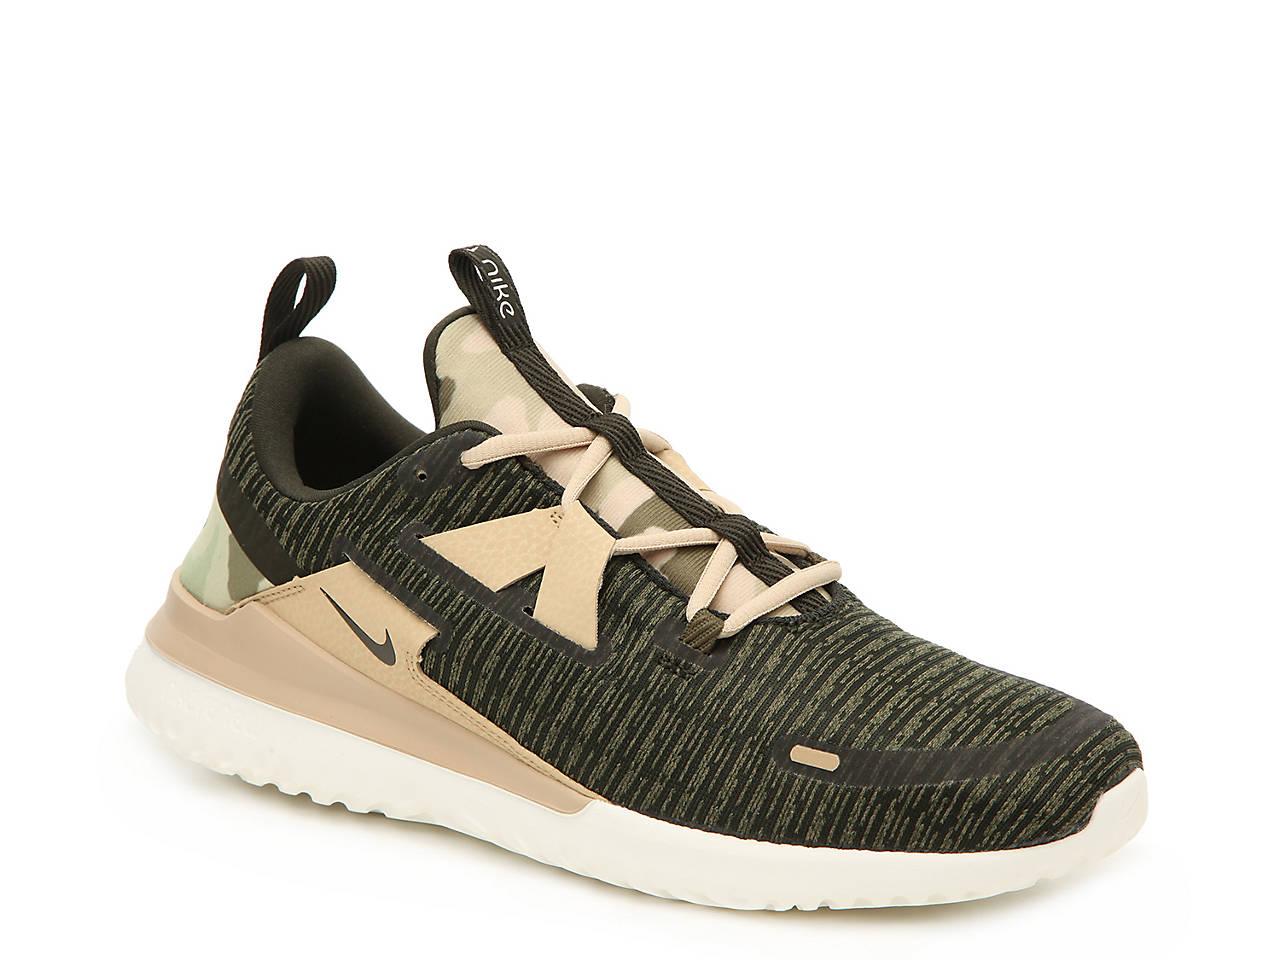 385f6cdac35 Nike Renew Arena Lightweight Running Shoe - Men s Men s Shoes